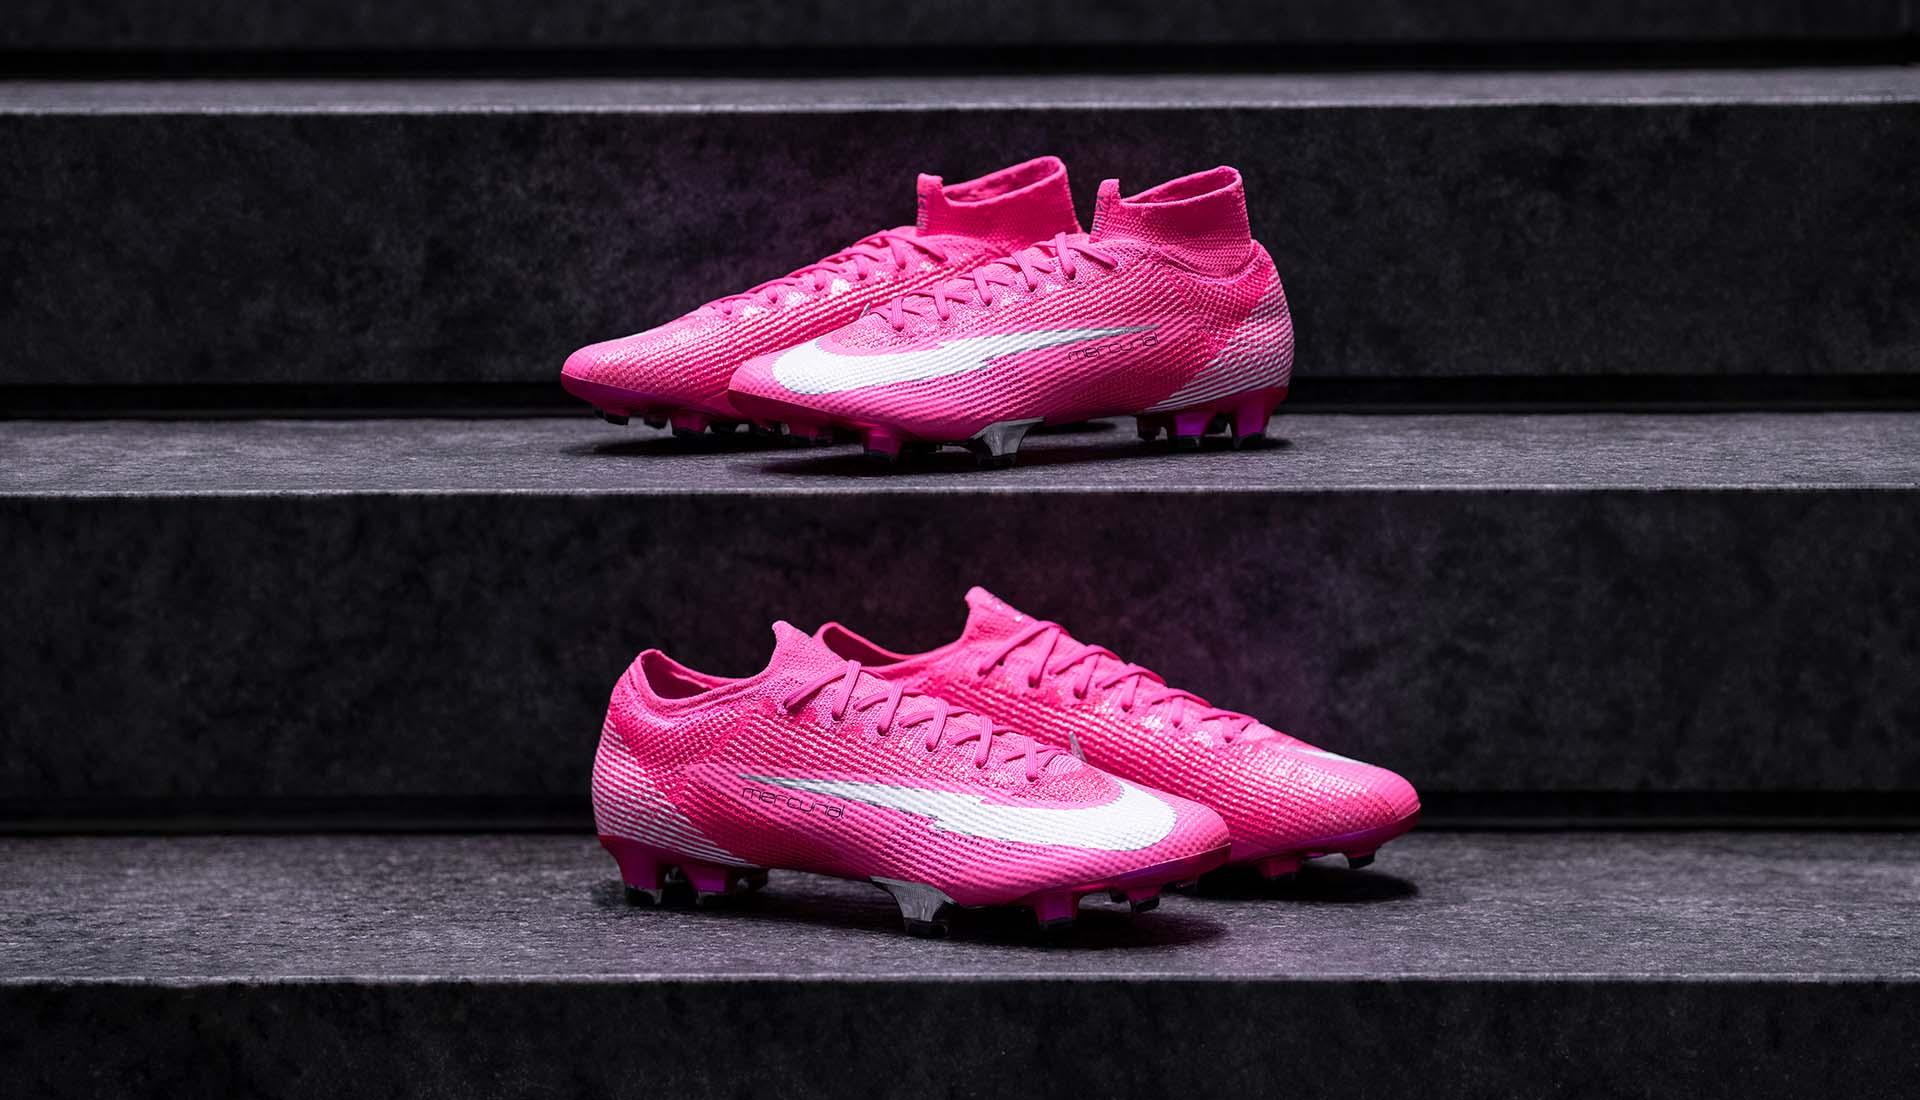 Nike Mercurial màu hồng của Mbappé được thiết kế với phiên bản cổ cao và cổ thấp